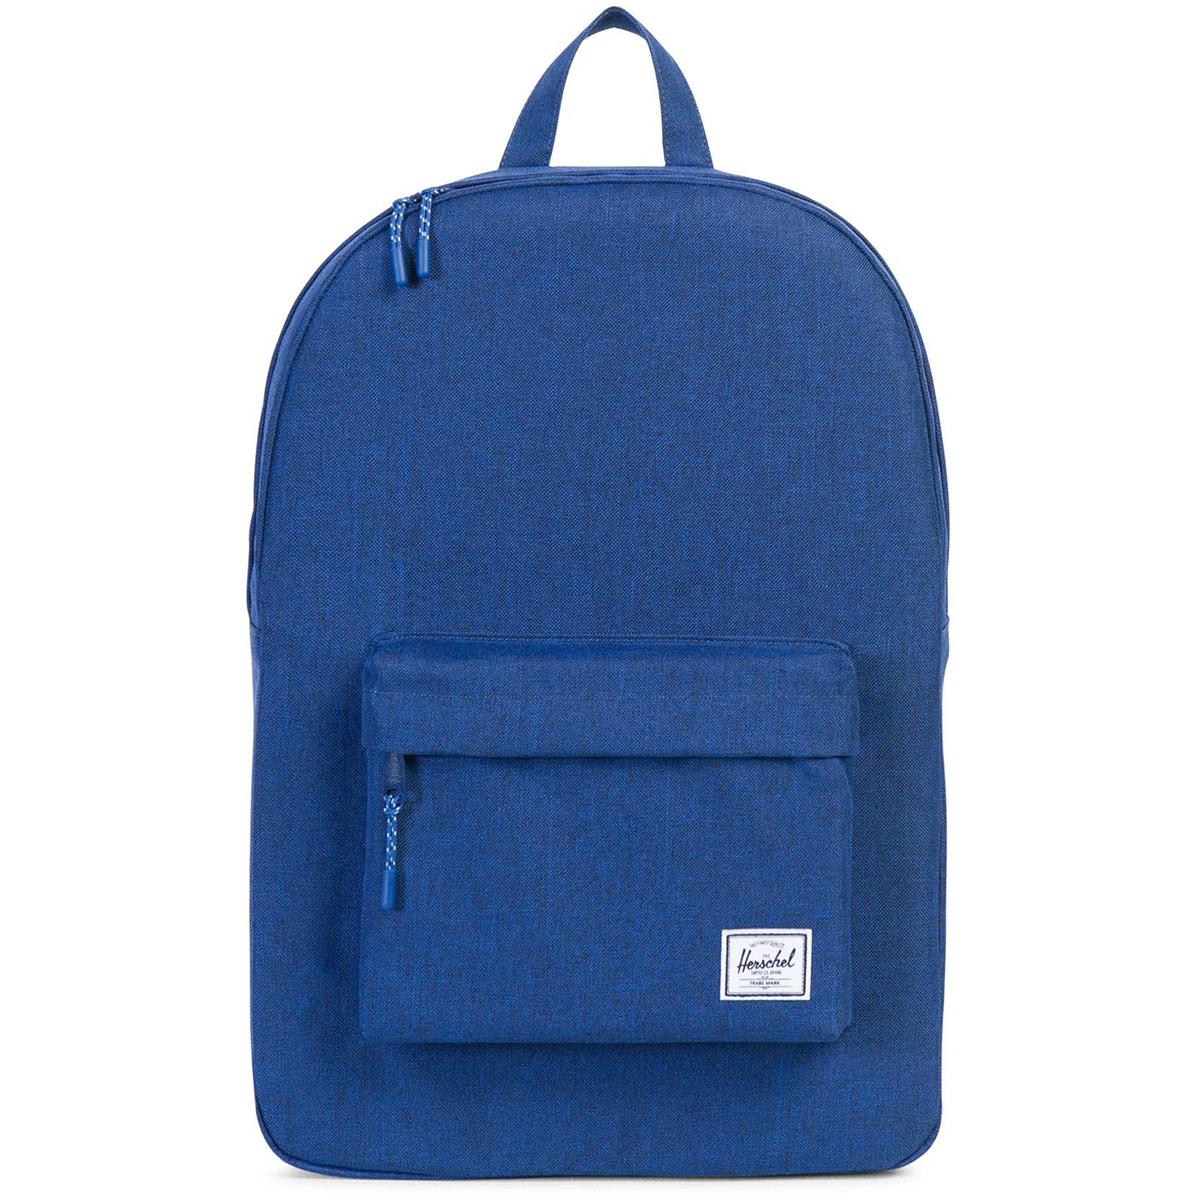 Рюкзак городской Herschel Classic (A/S), цвет: синий. 828432122561828432122561Рюкзак Herschel Classic целиком и полностью оправдывает свое название, выражая совершенство в лаконичных и идеальных линиях. Этот рюкзак создан для любых целей и поездок и отлично впишется в абсолютно любой стиль. Основное отделение закрывается на застежку-молнию. Внешняя сторона дополнена накладным карманом на застежке-молнии. Лямки регулируются, что позволяет менять положение рюкзака на спине.